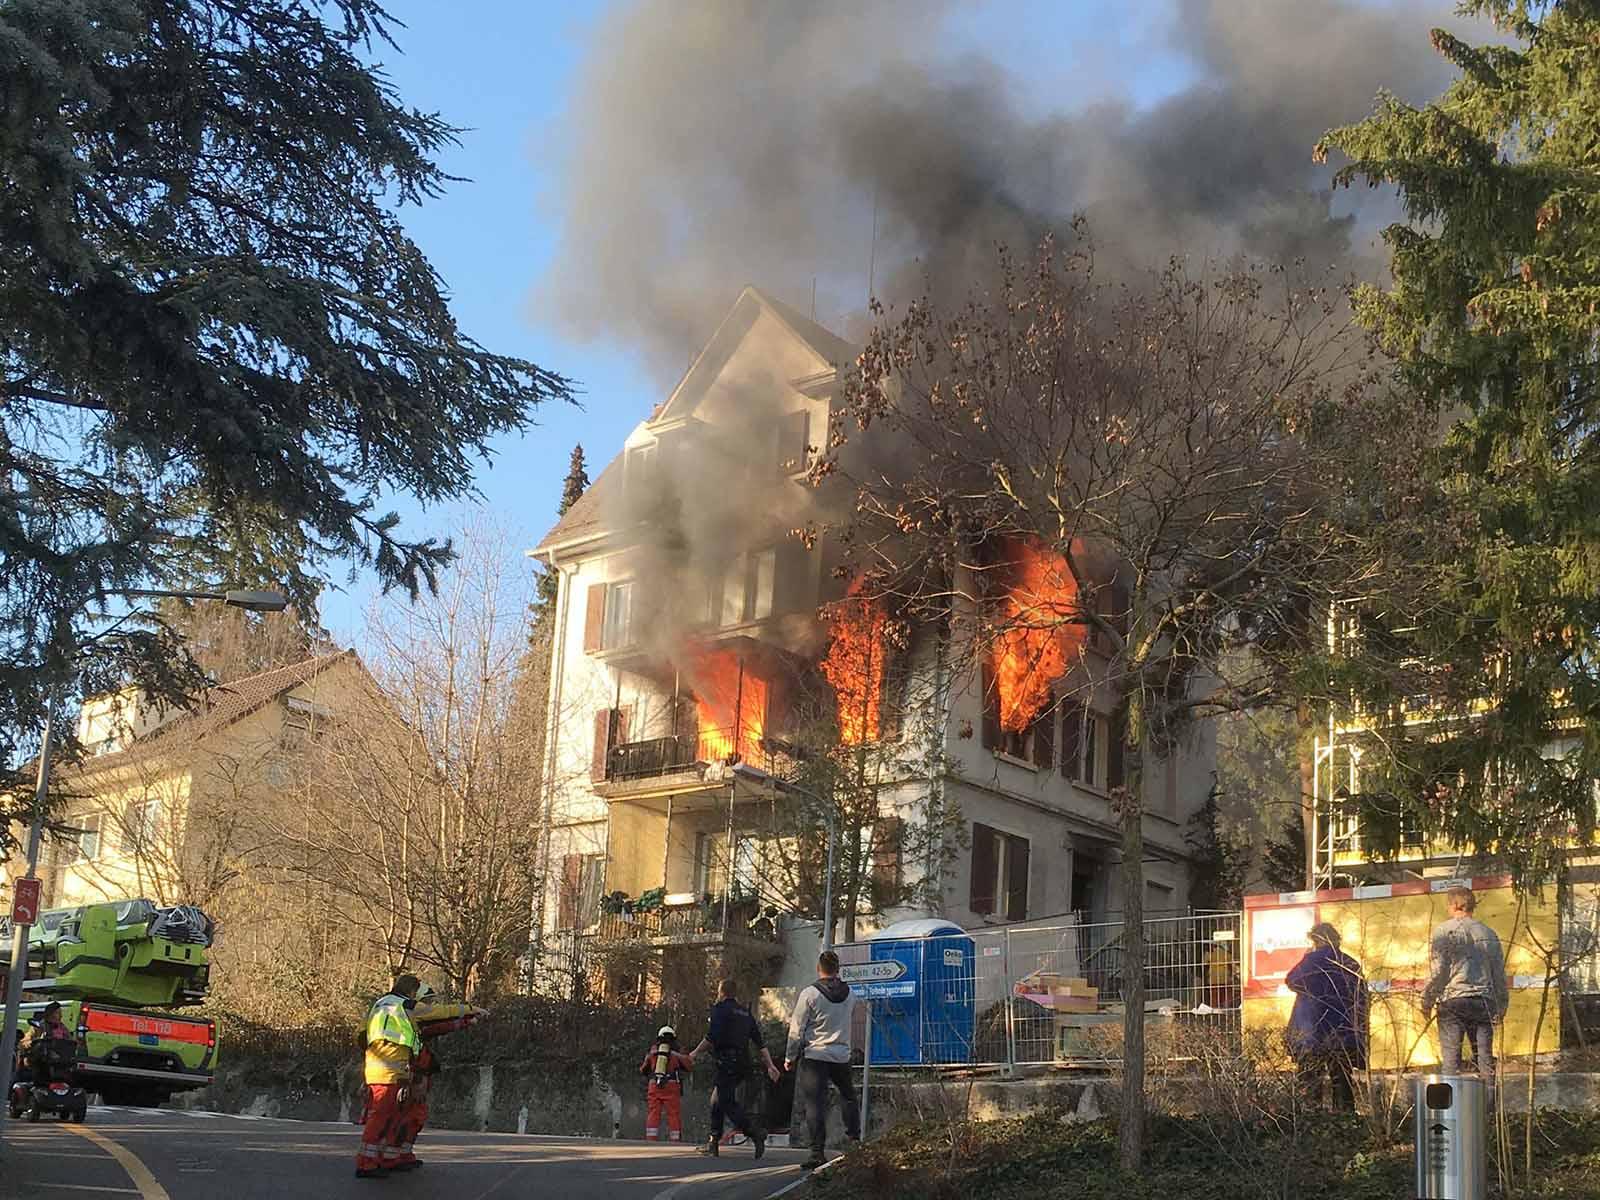 Brand an der Bauherrenstrasse. Eine Person wurde leicht verletzt.